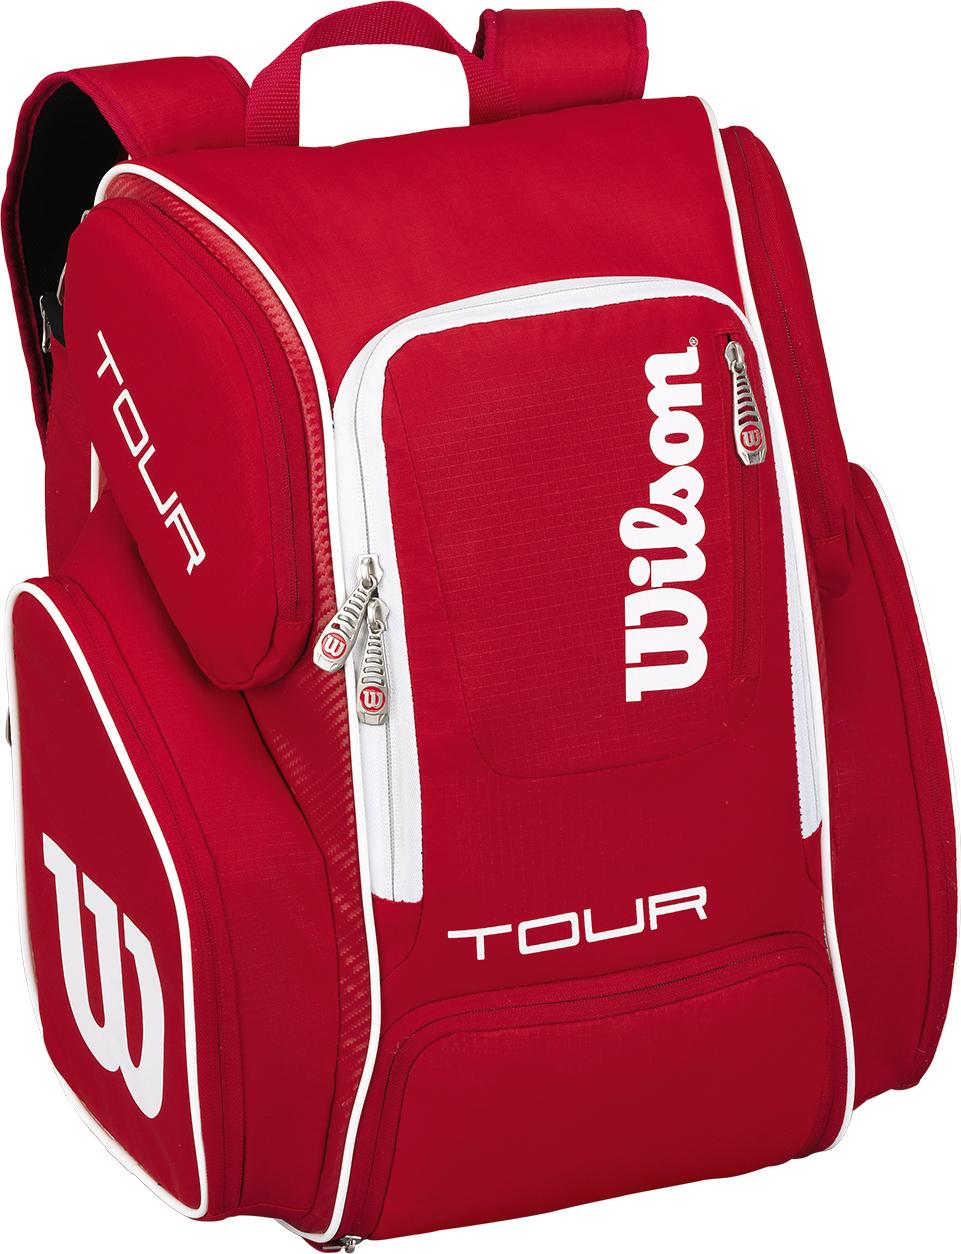 Рюкзак для теннисных ракеток Wilson Tour V Backpack Large, цвет: красный, белый goog yu man s canvas backpack travel schoolbag male large backpack men large capacity rucksack shoulder school bag